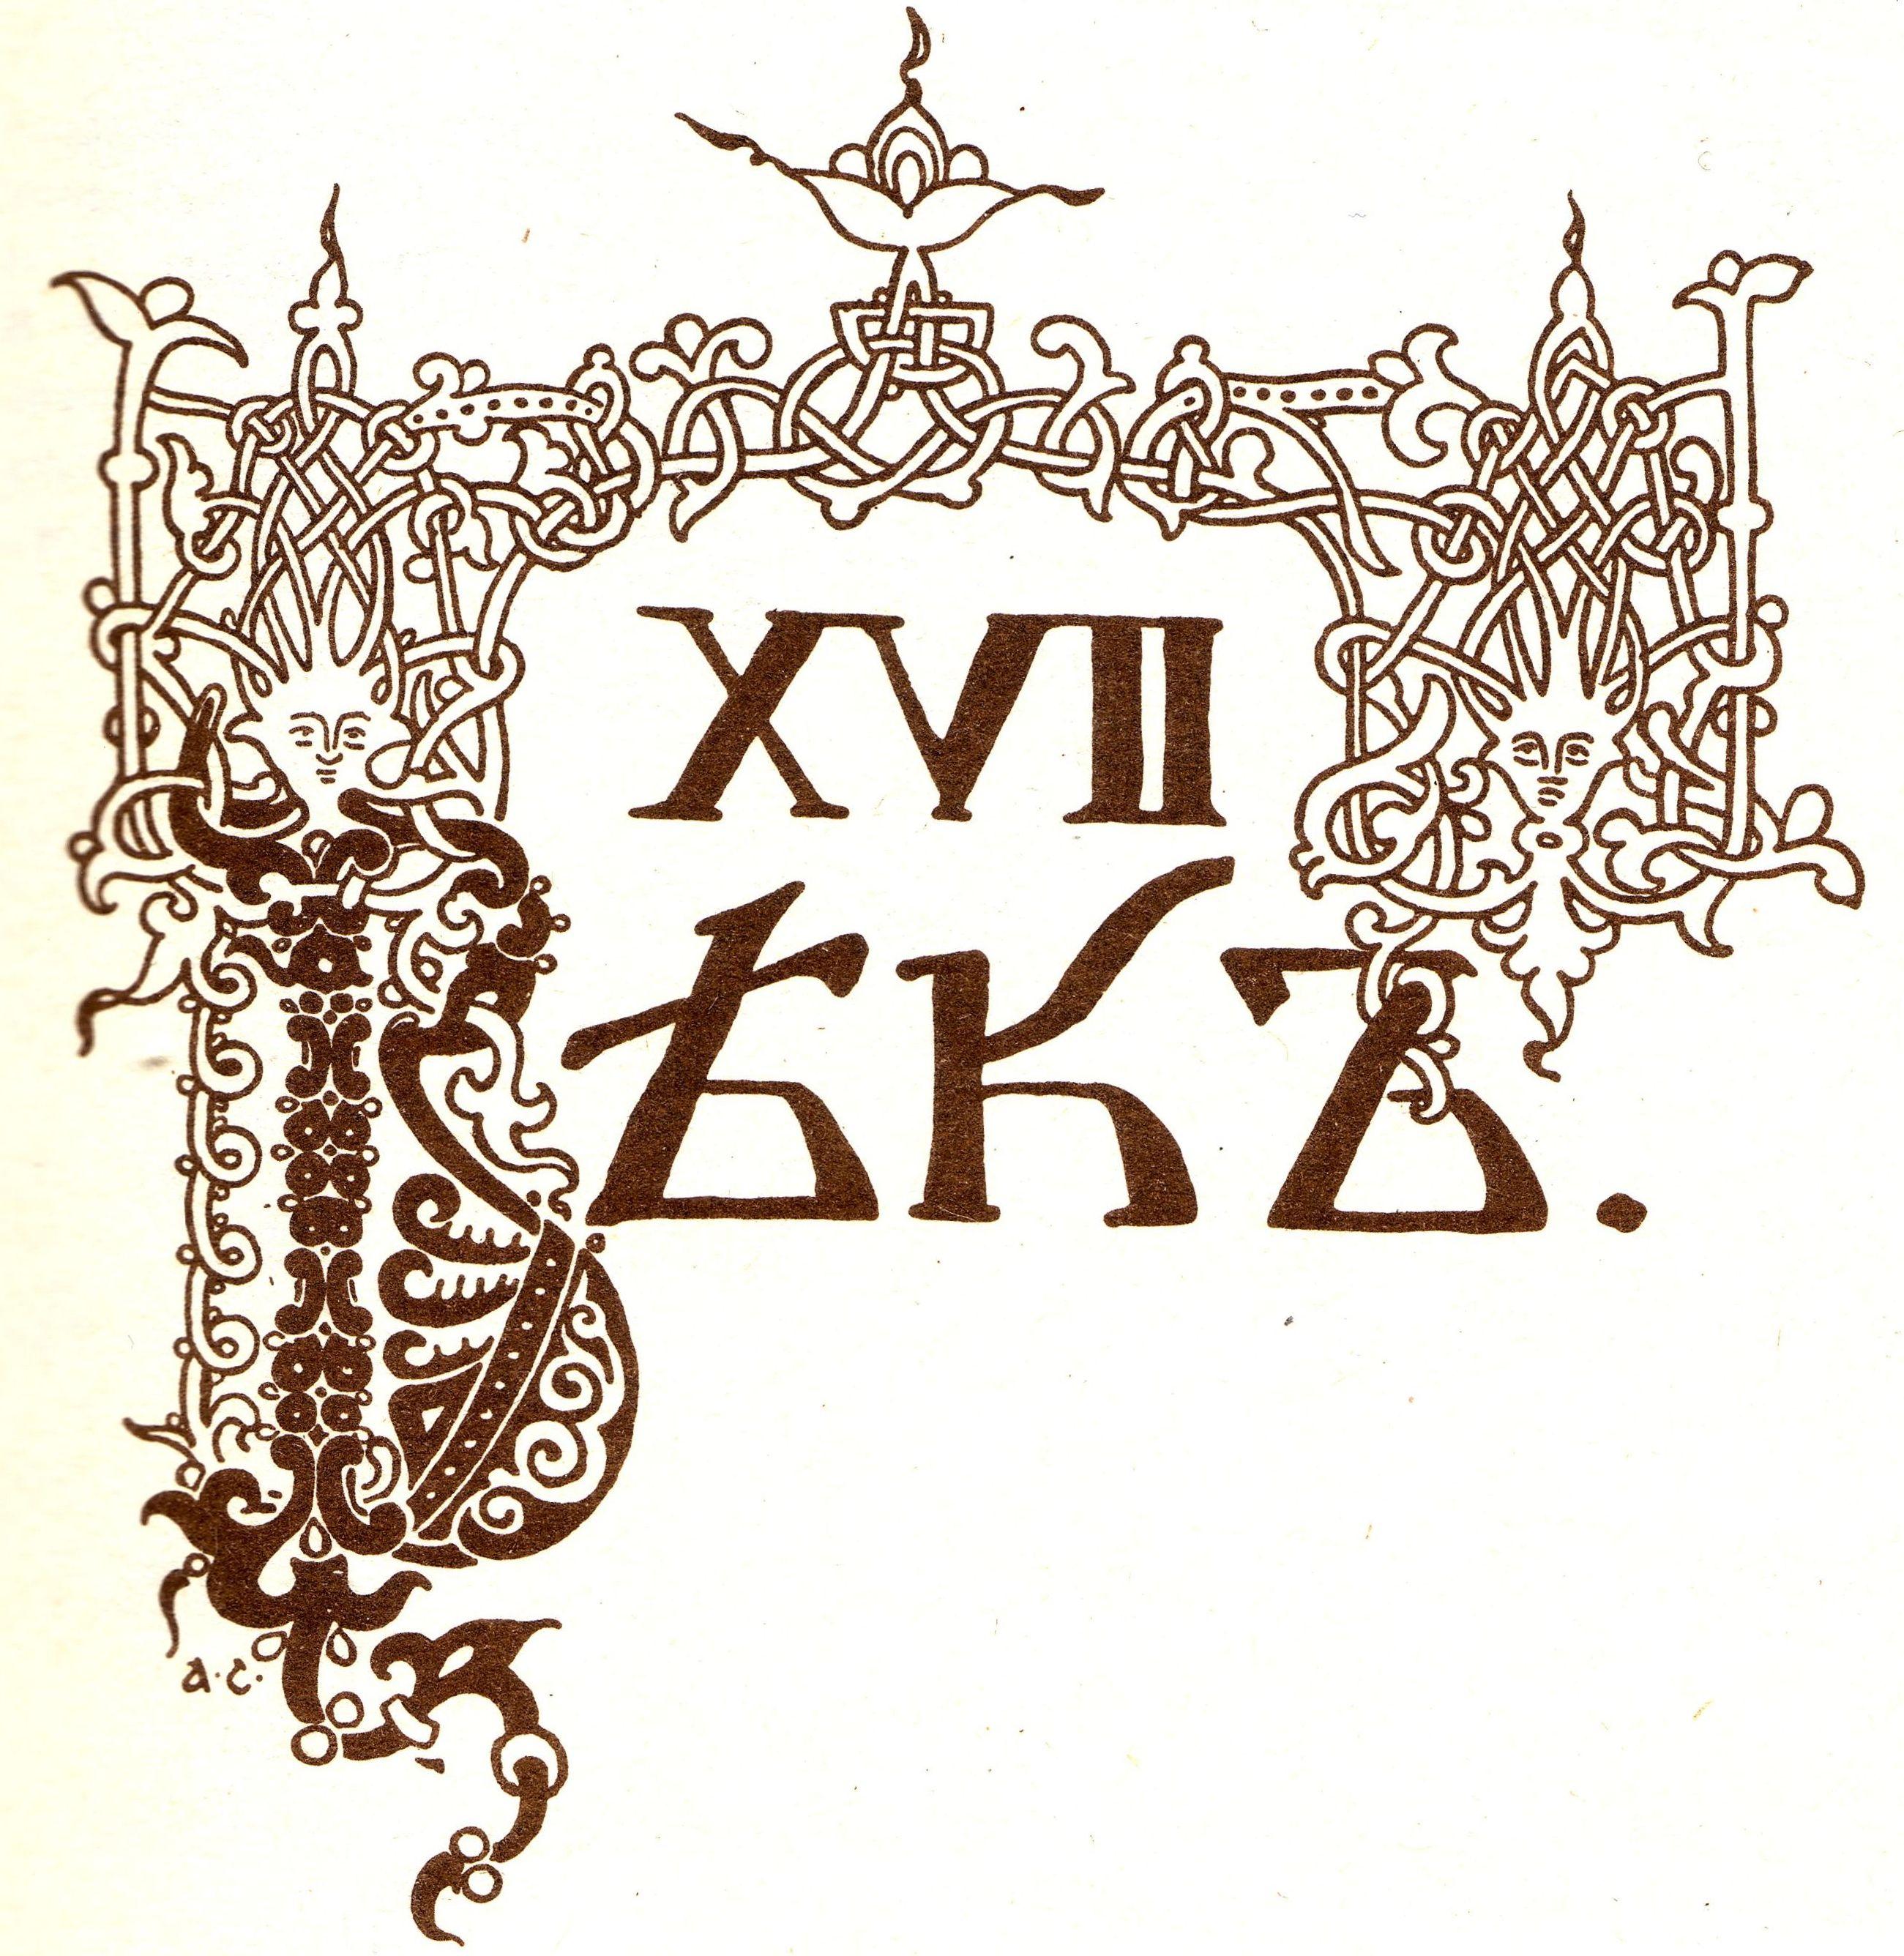 Музыкальное образование в европе в 17-18 веках покупка дома налоги украина